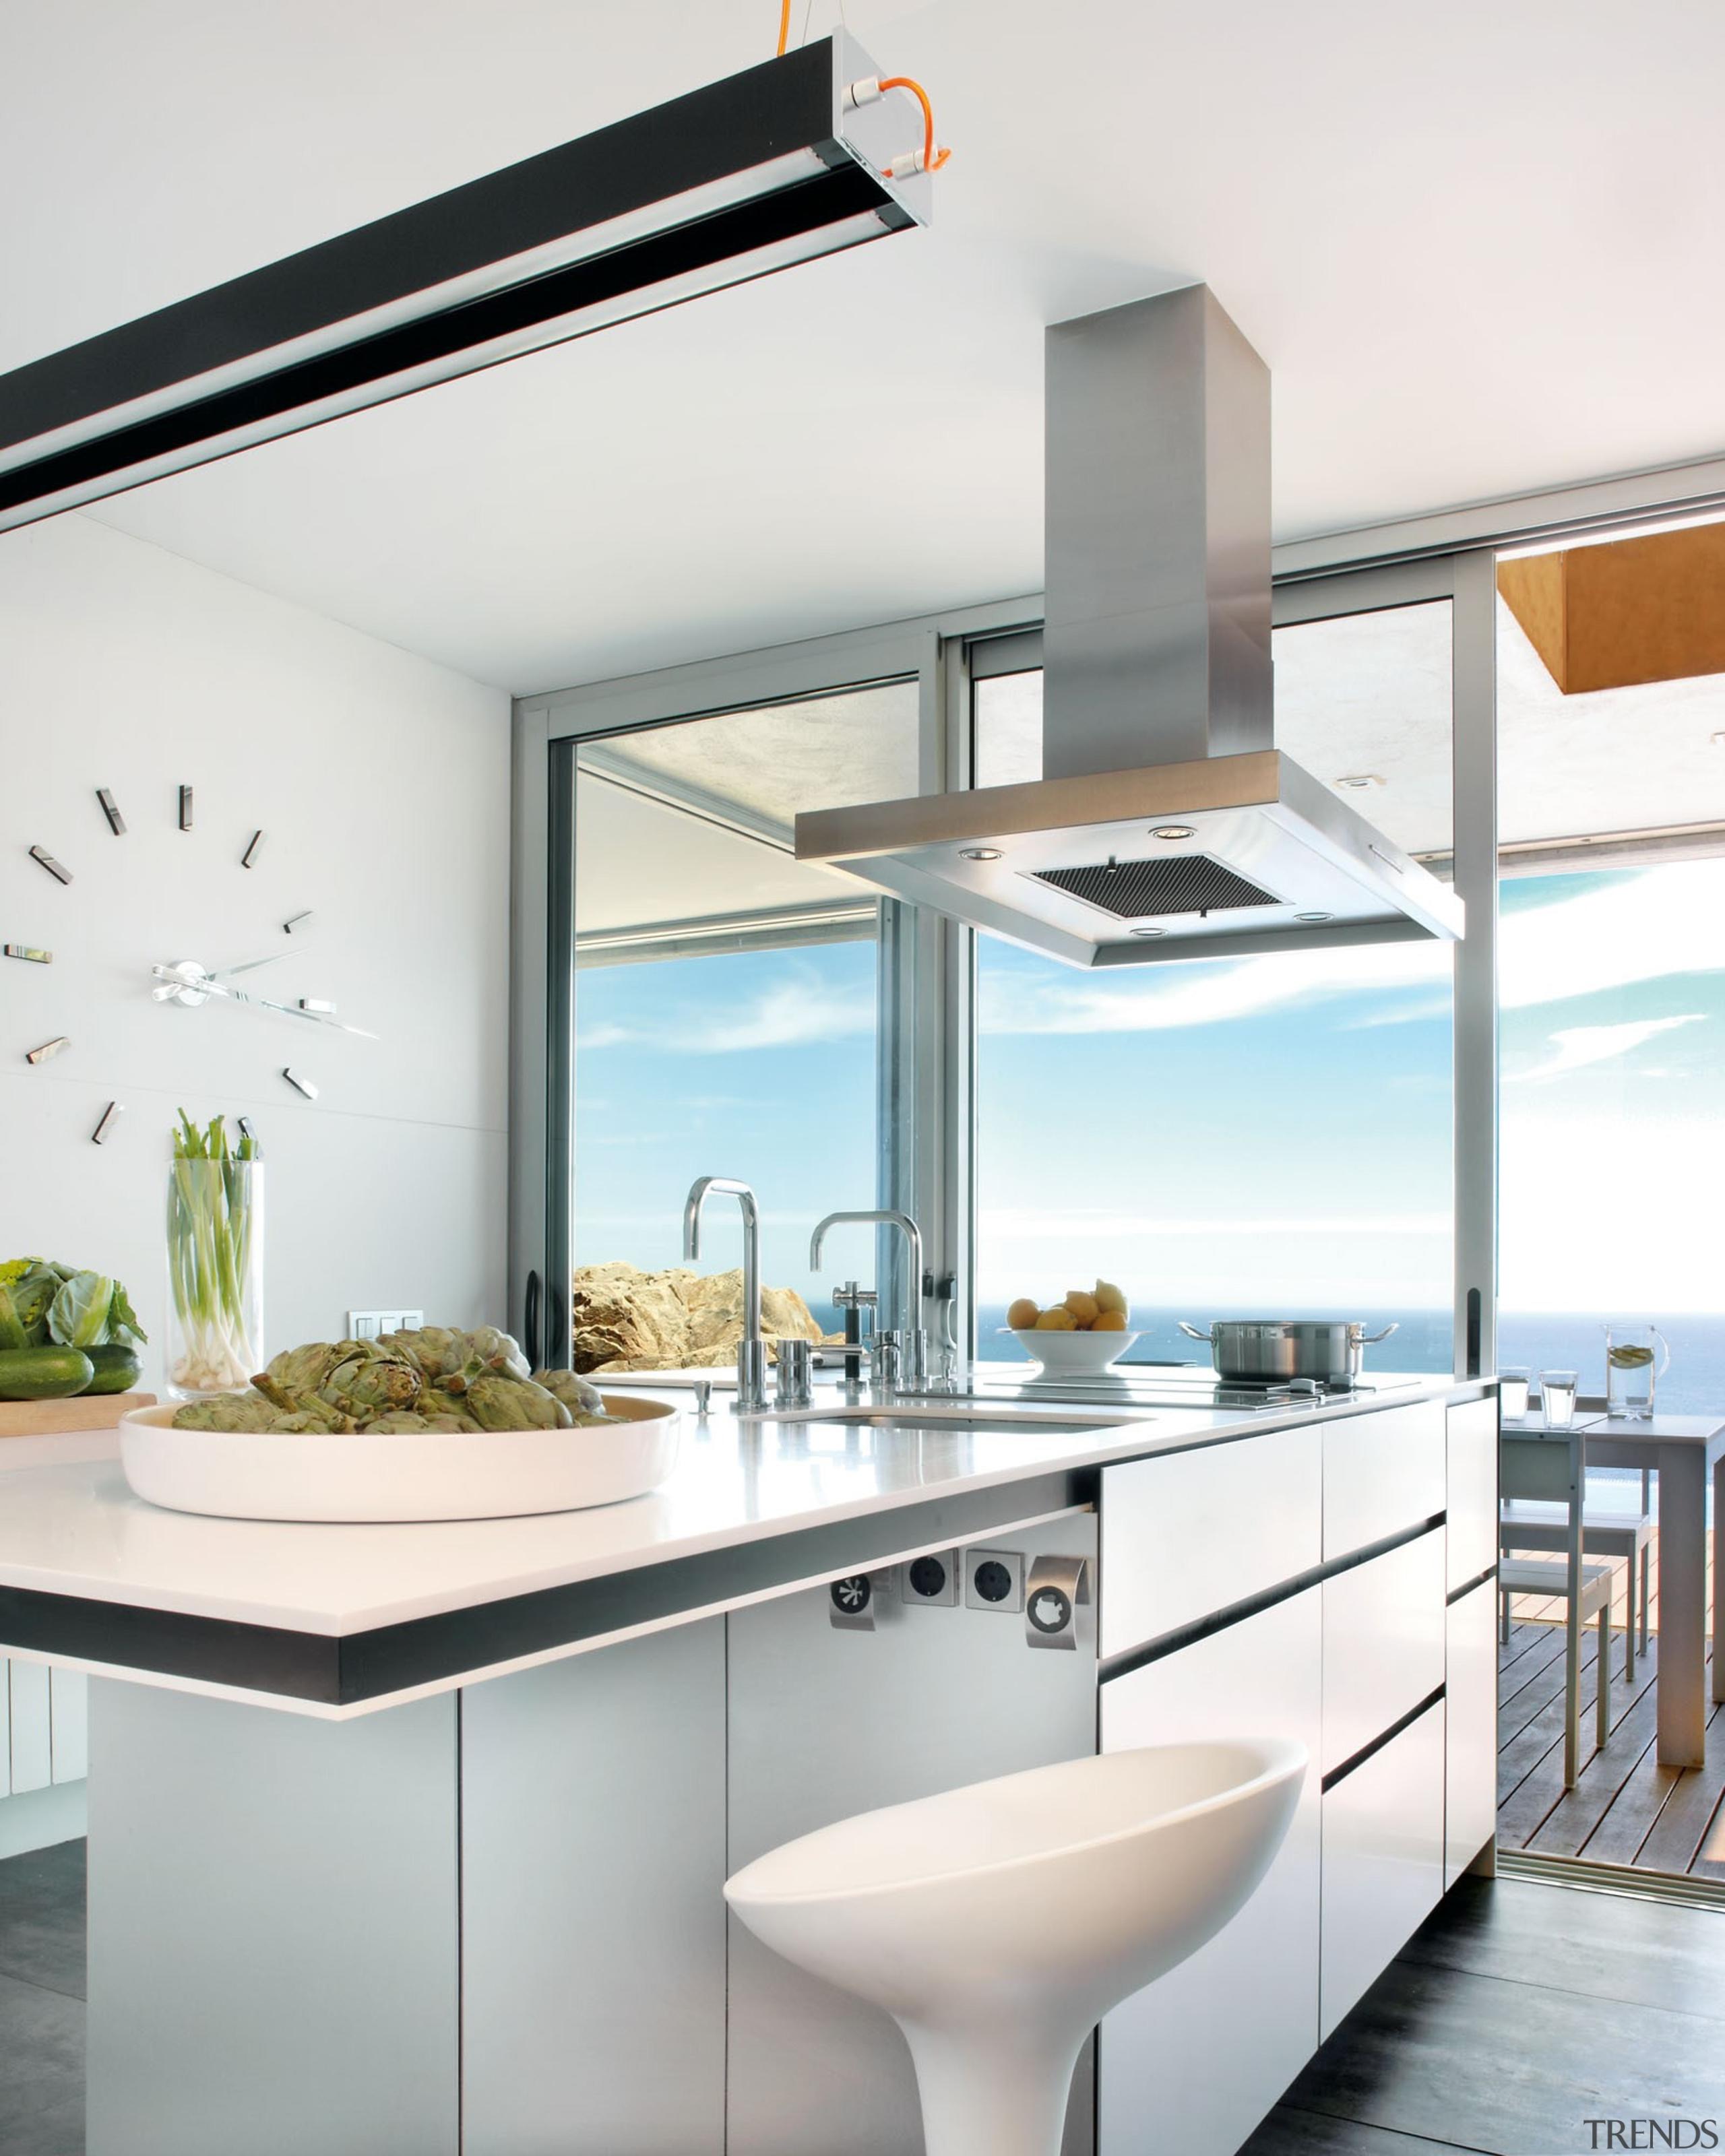 Blanco Zeus Encimera 1 - Blanco Zeus Encimera countertop, cuisine classique, interior design, kitchen, product design, tap, white